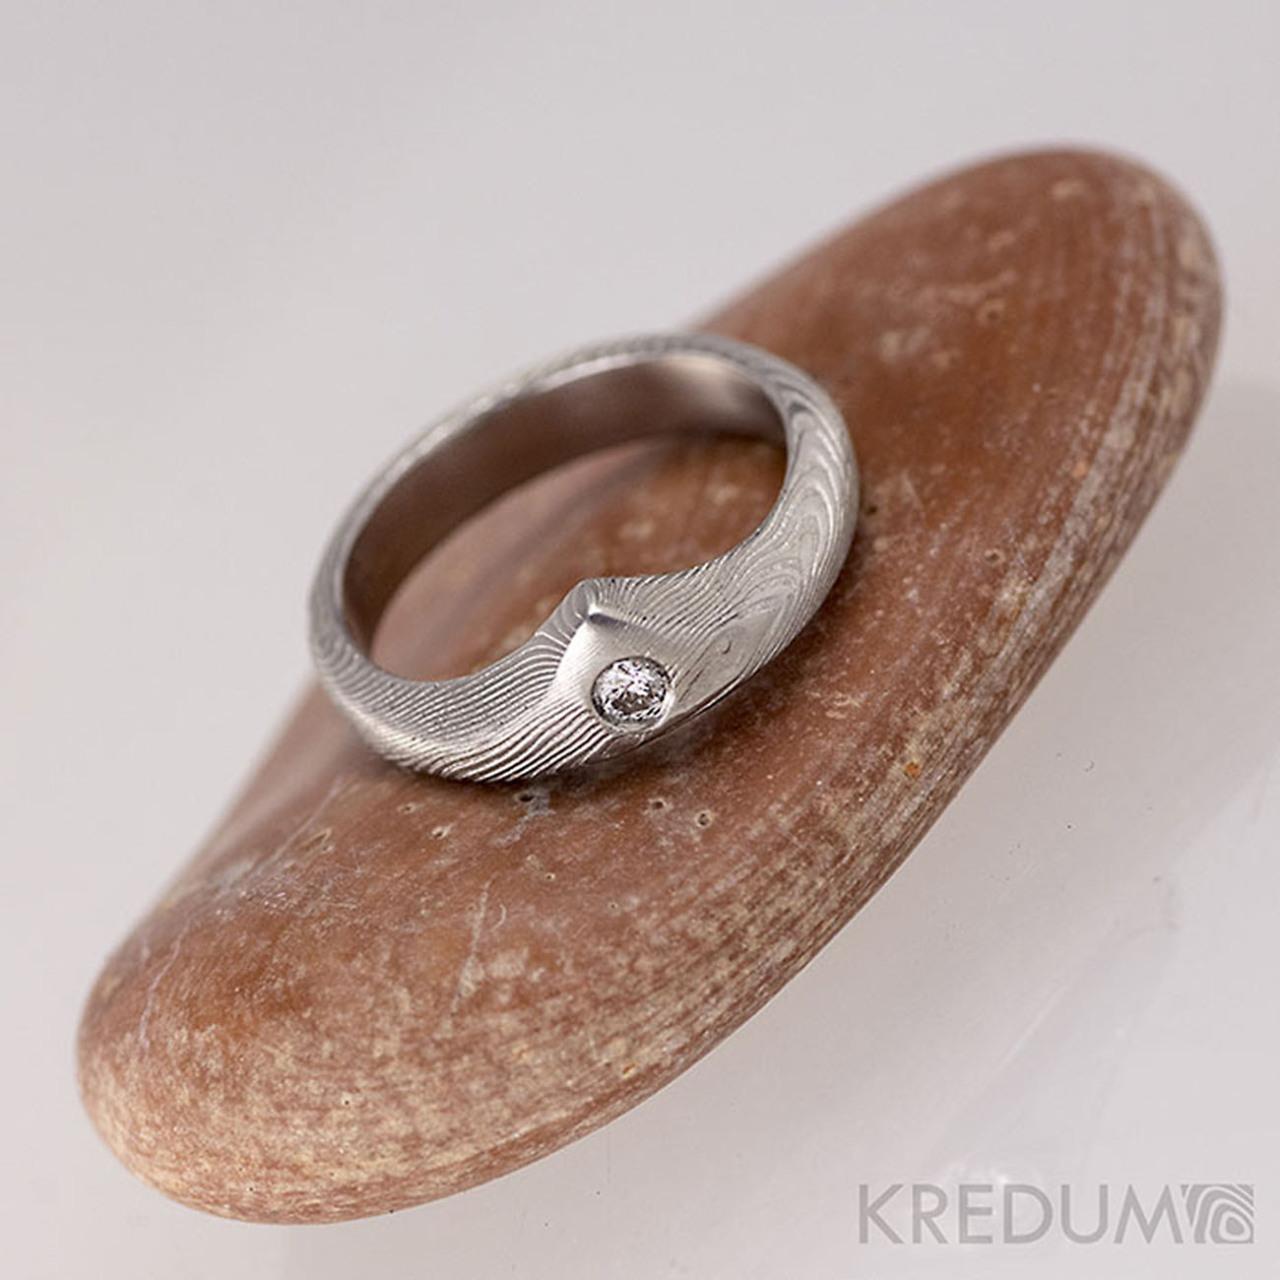 Zasnubni Prsten Damasteel Kralovna A Ciry Diamant Vel 2 3 Mm